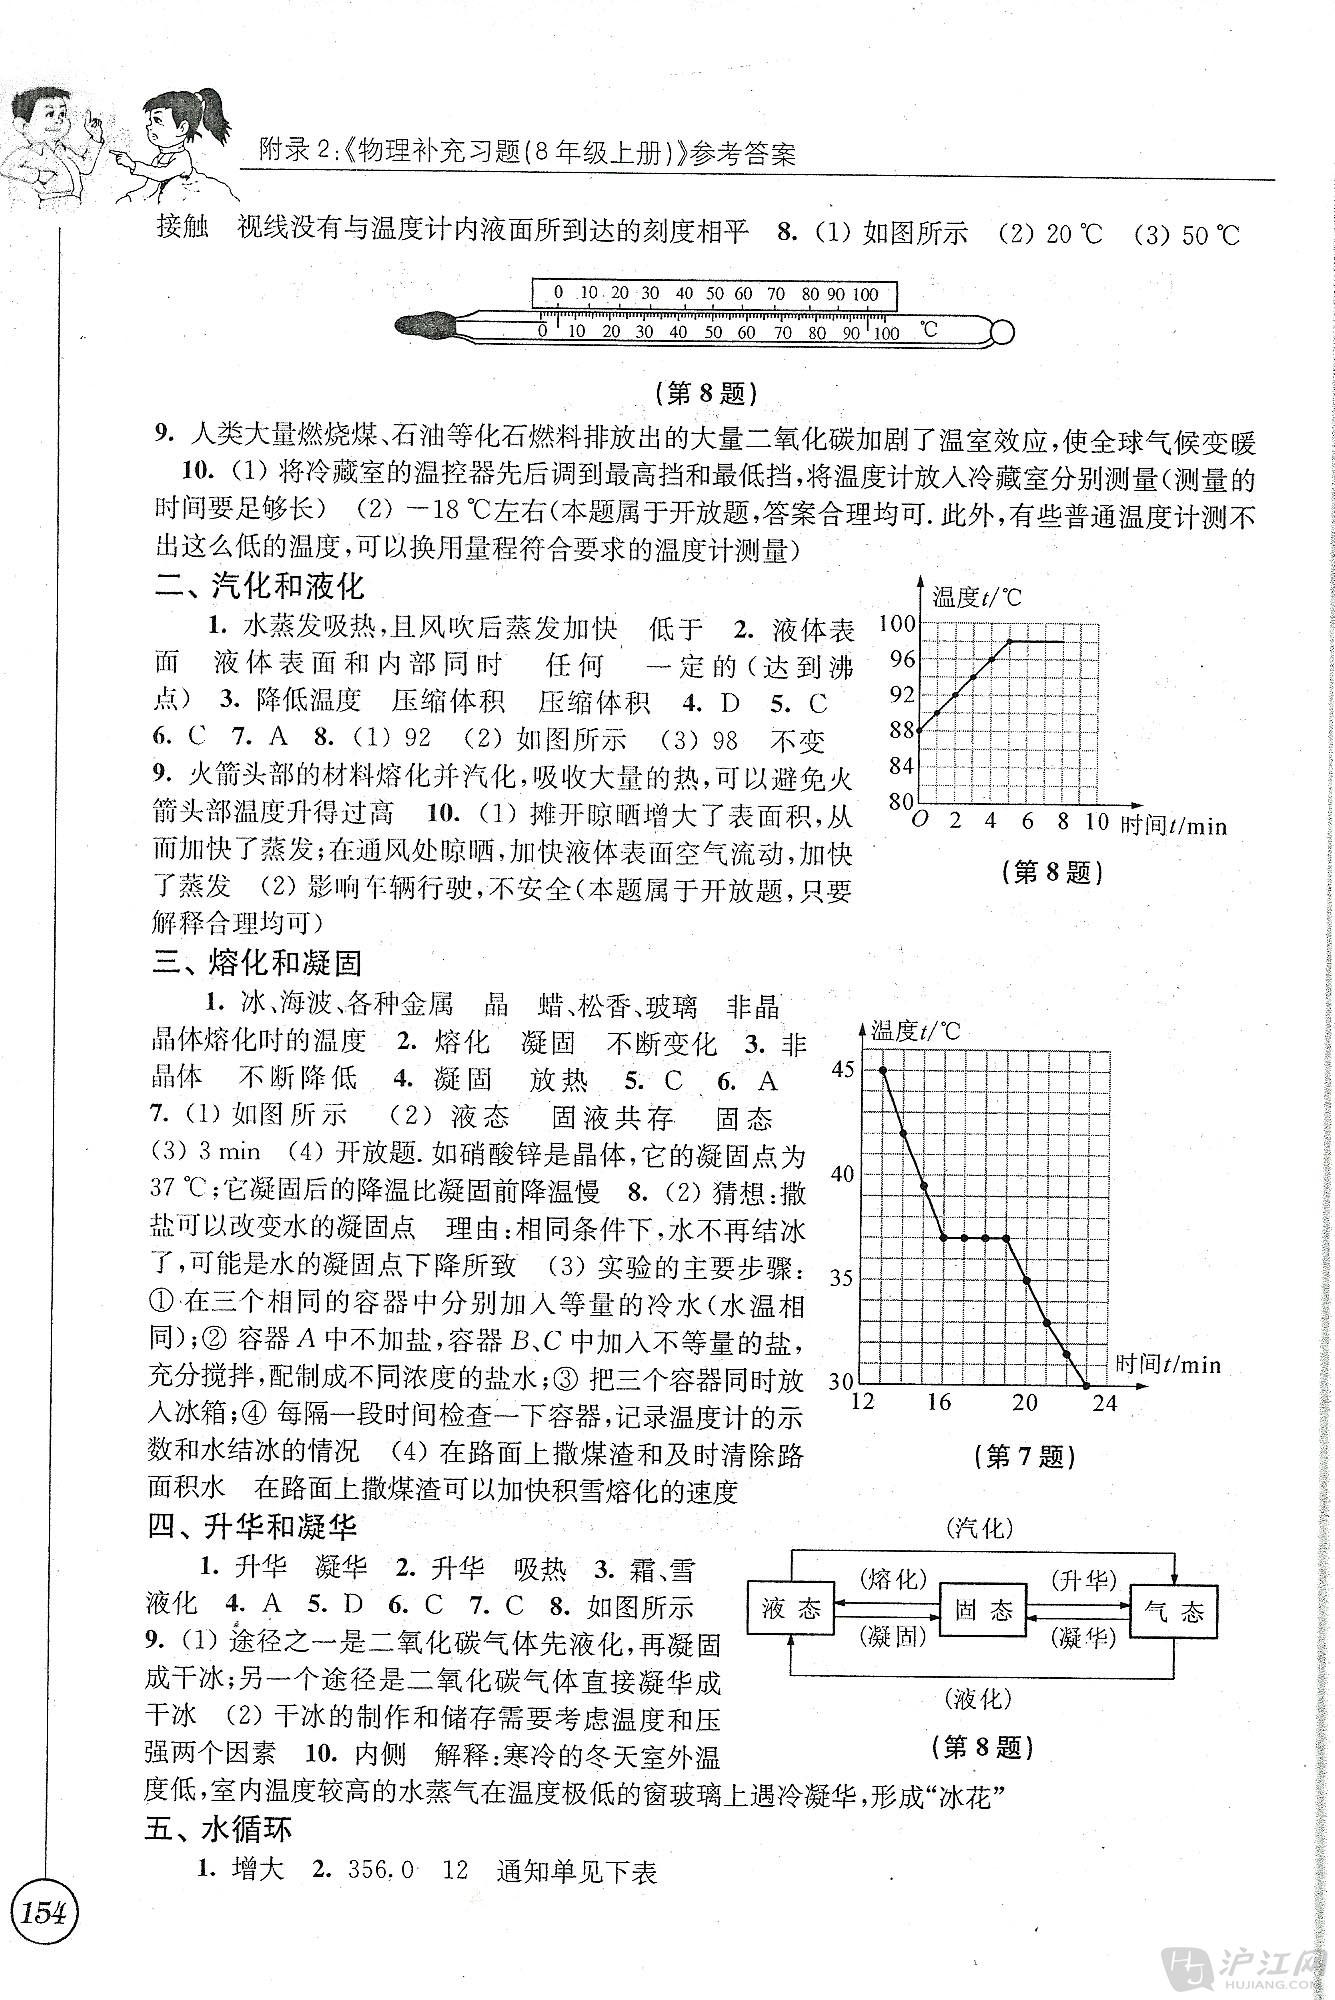 苏科版初二八年级物理补充习题答案